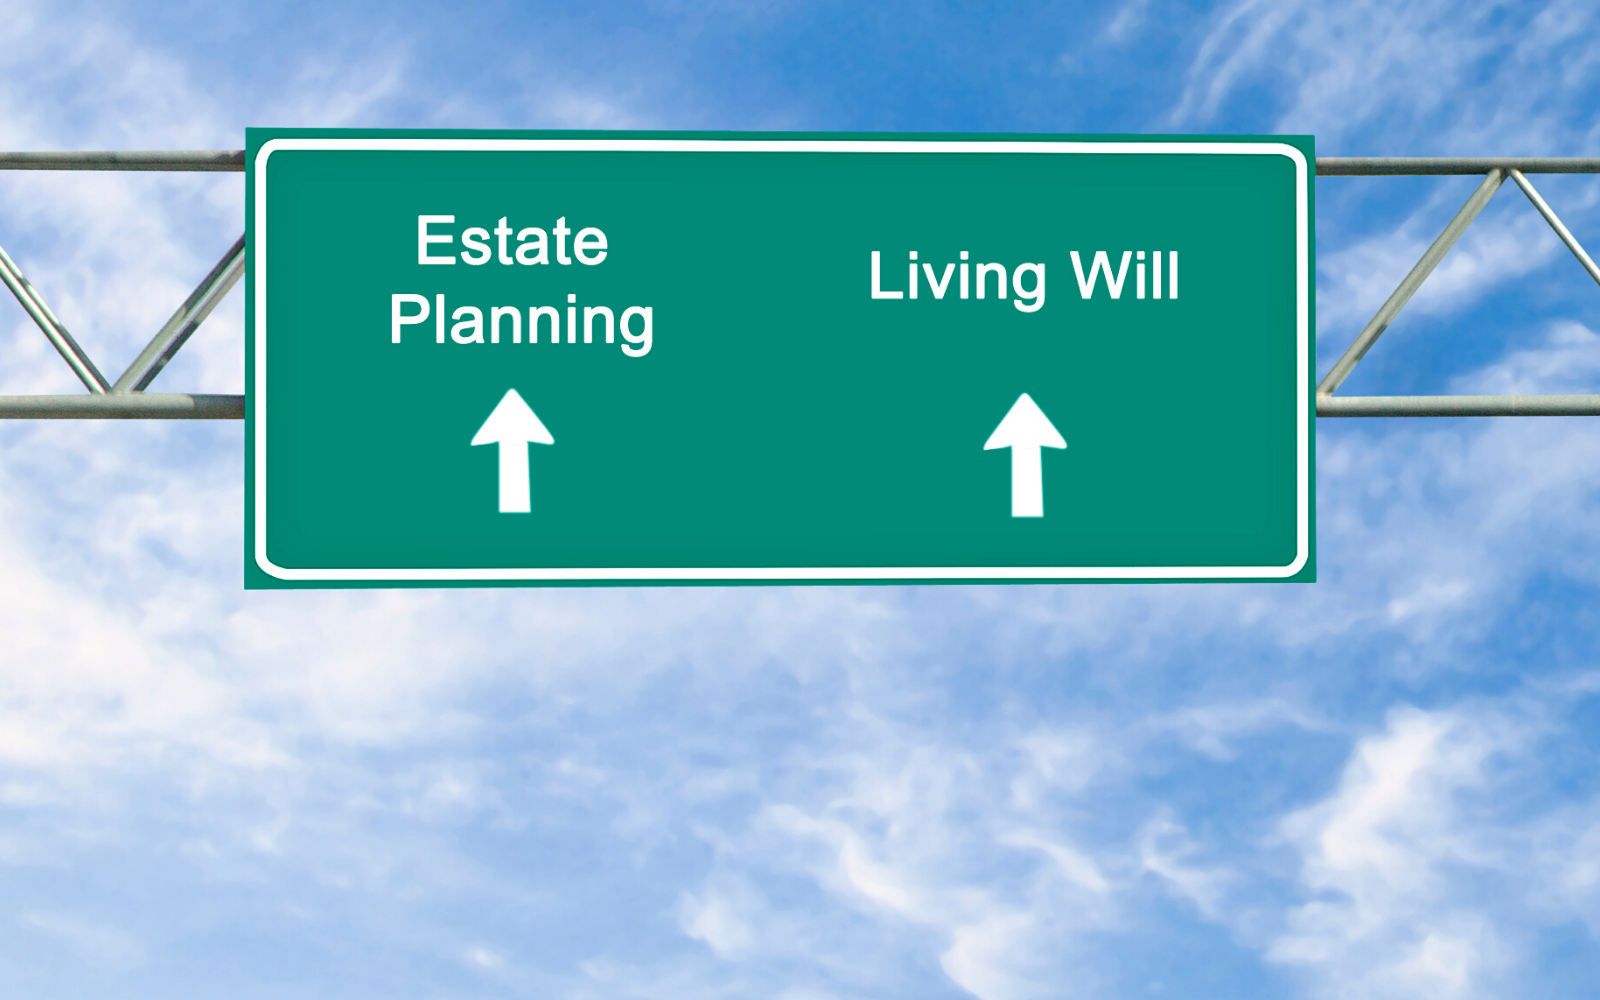 Ccha estate planning graphic